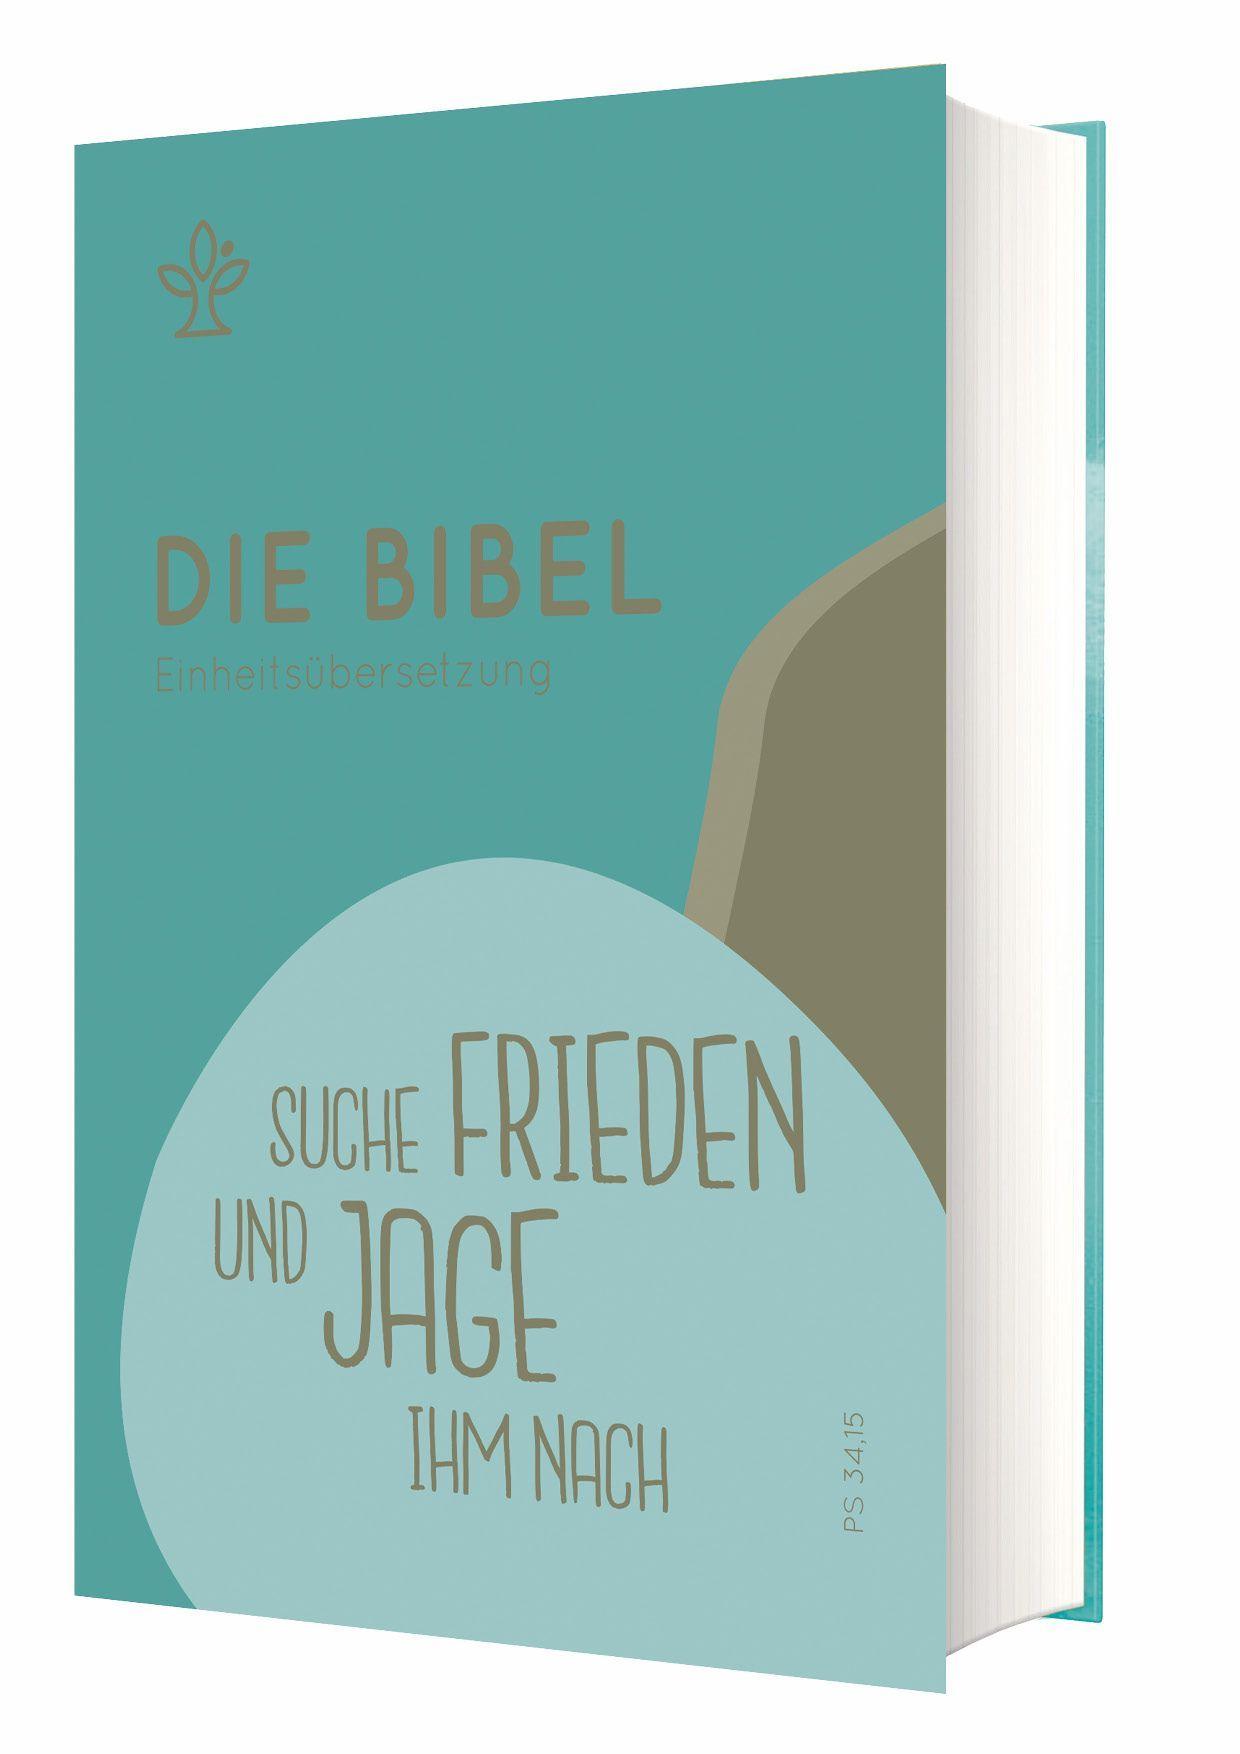 """Die Bibel - Einheitsübersetzung - Schulbibel """"Suche Frieden und jage ihm nach"""""""